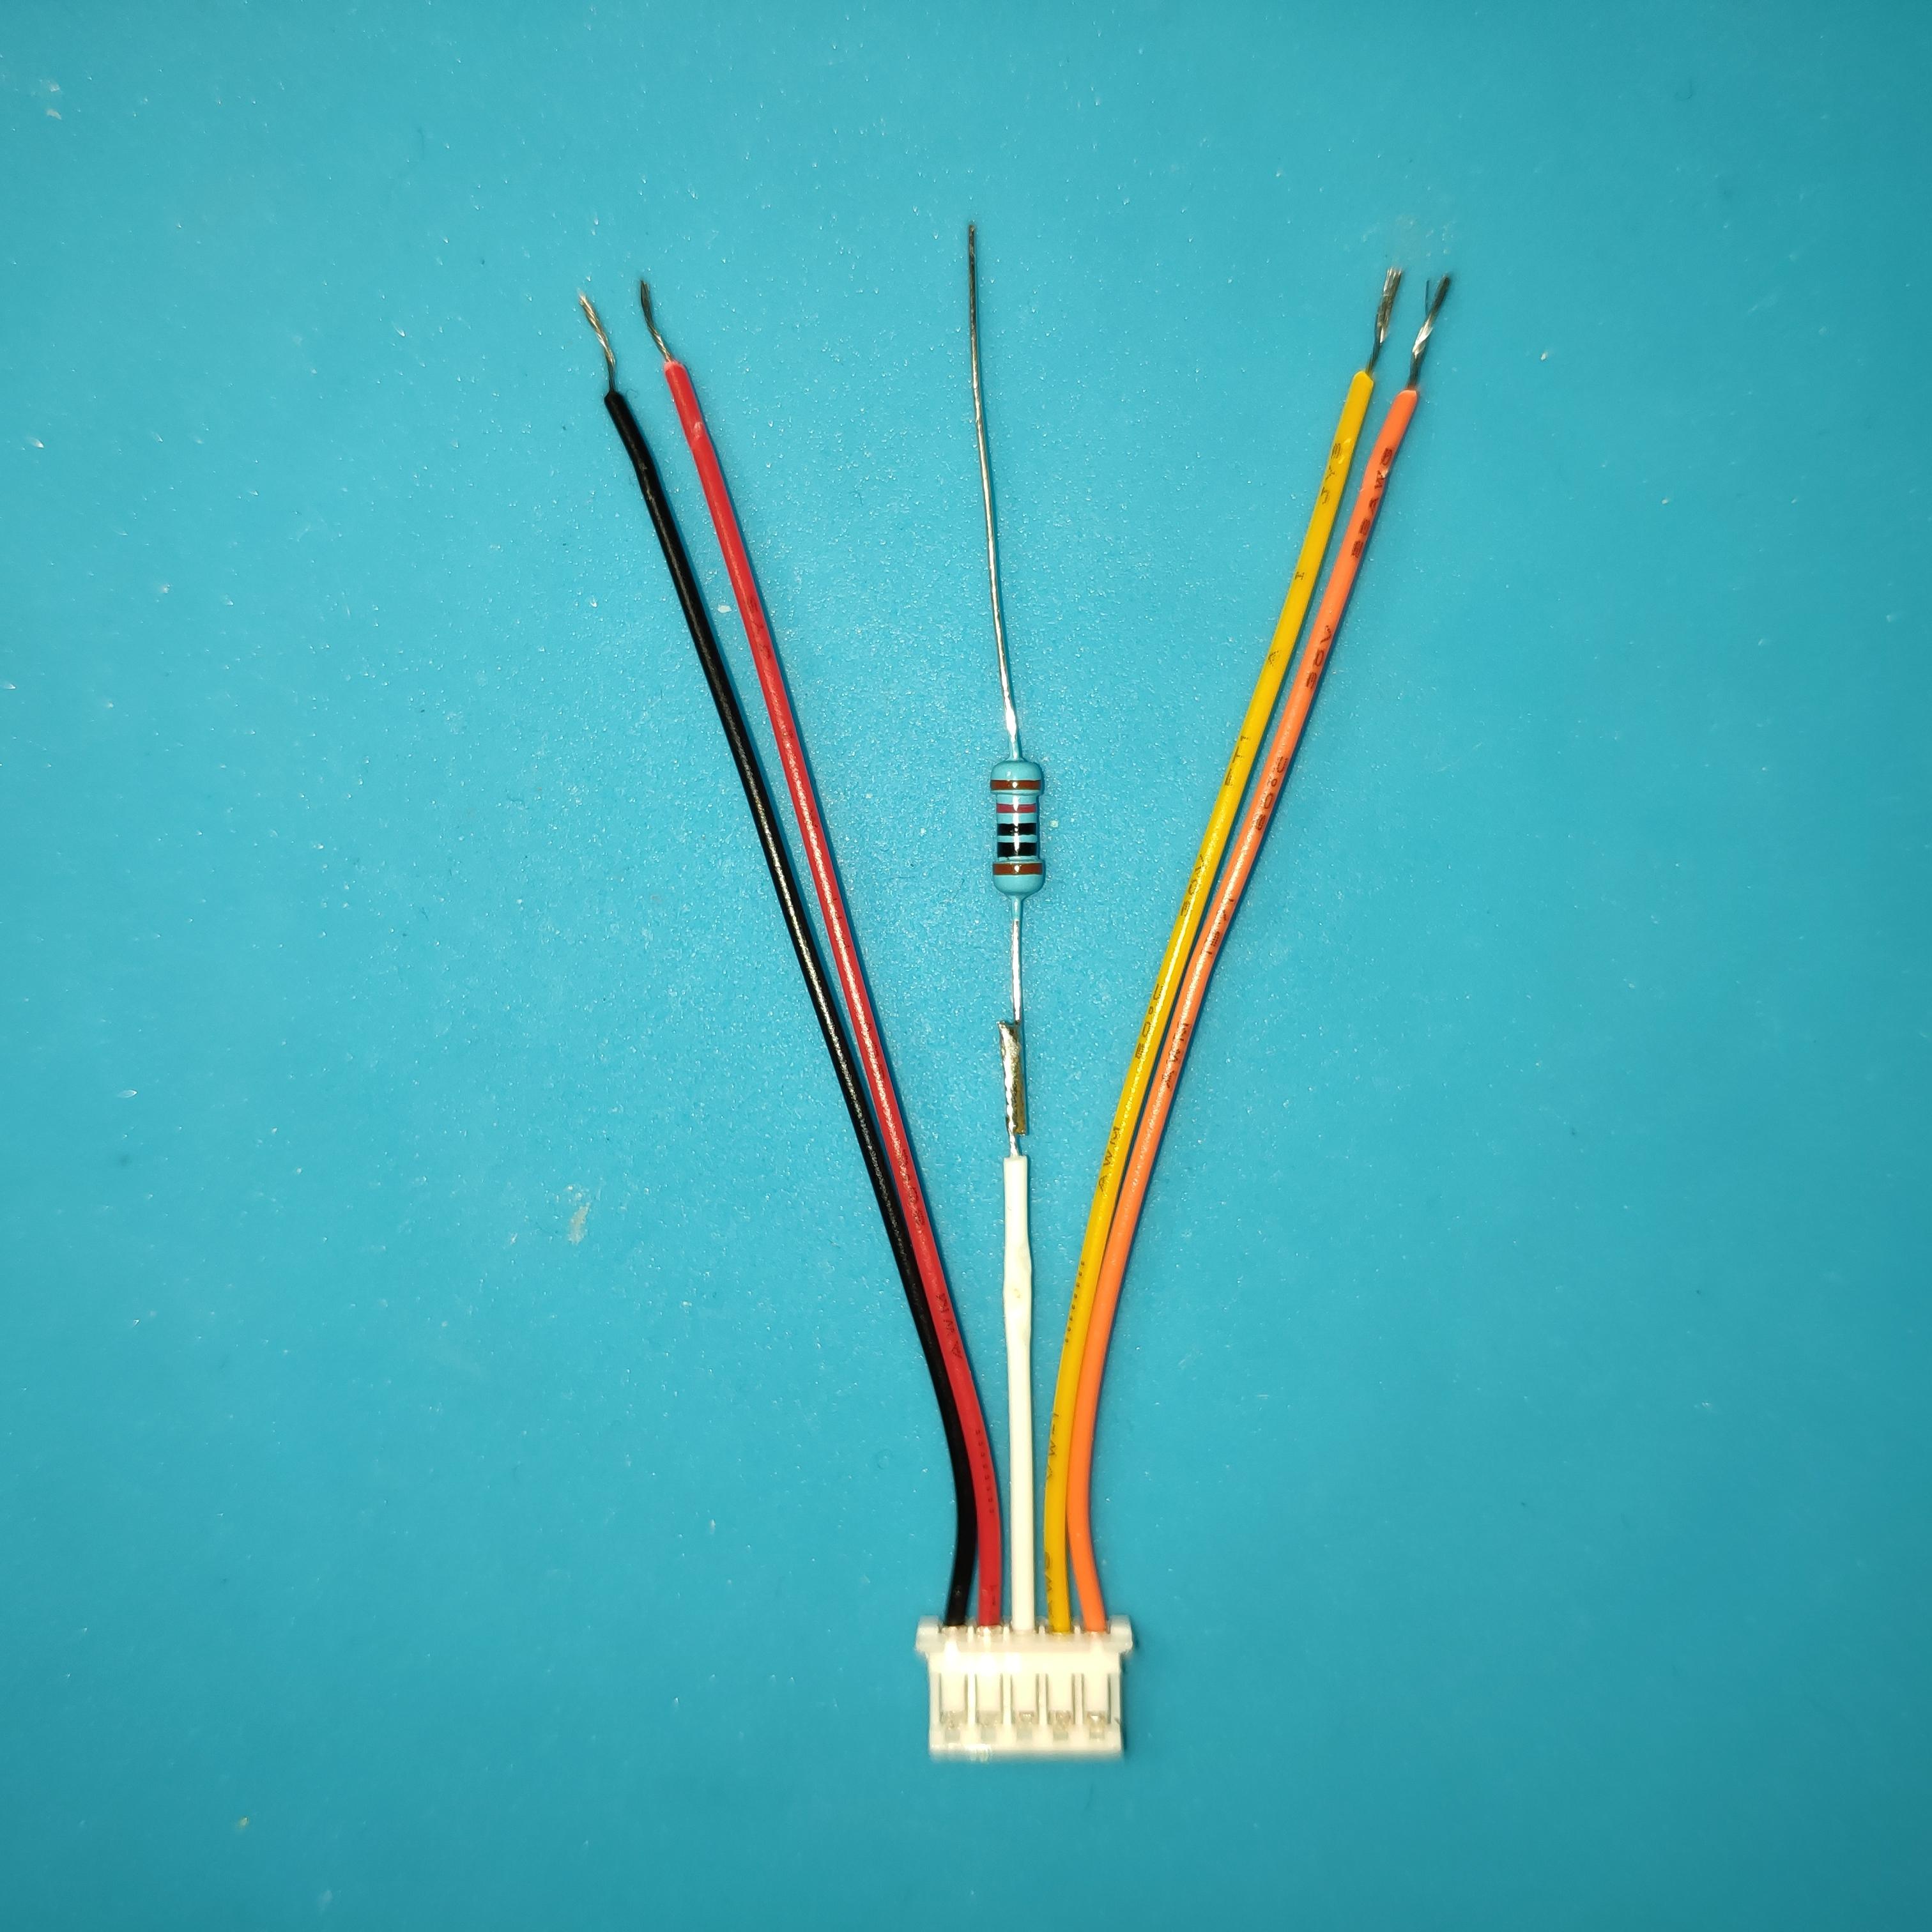 Термистор заменен на резистор 10 кОм